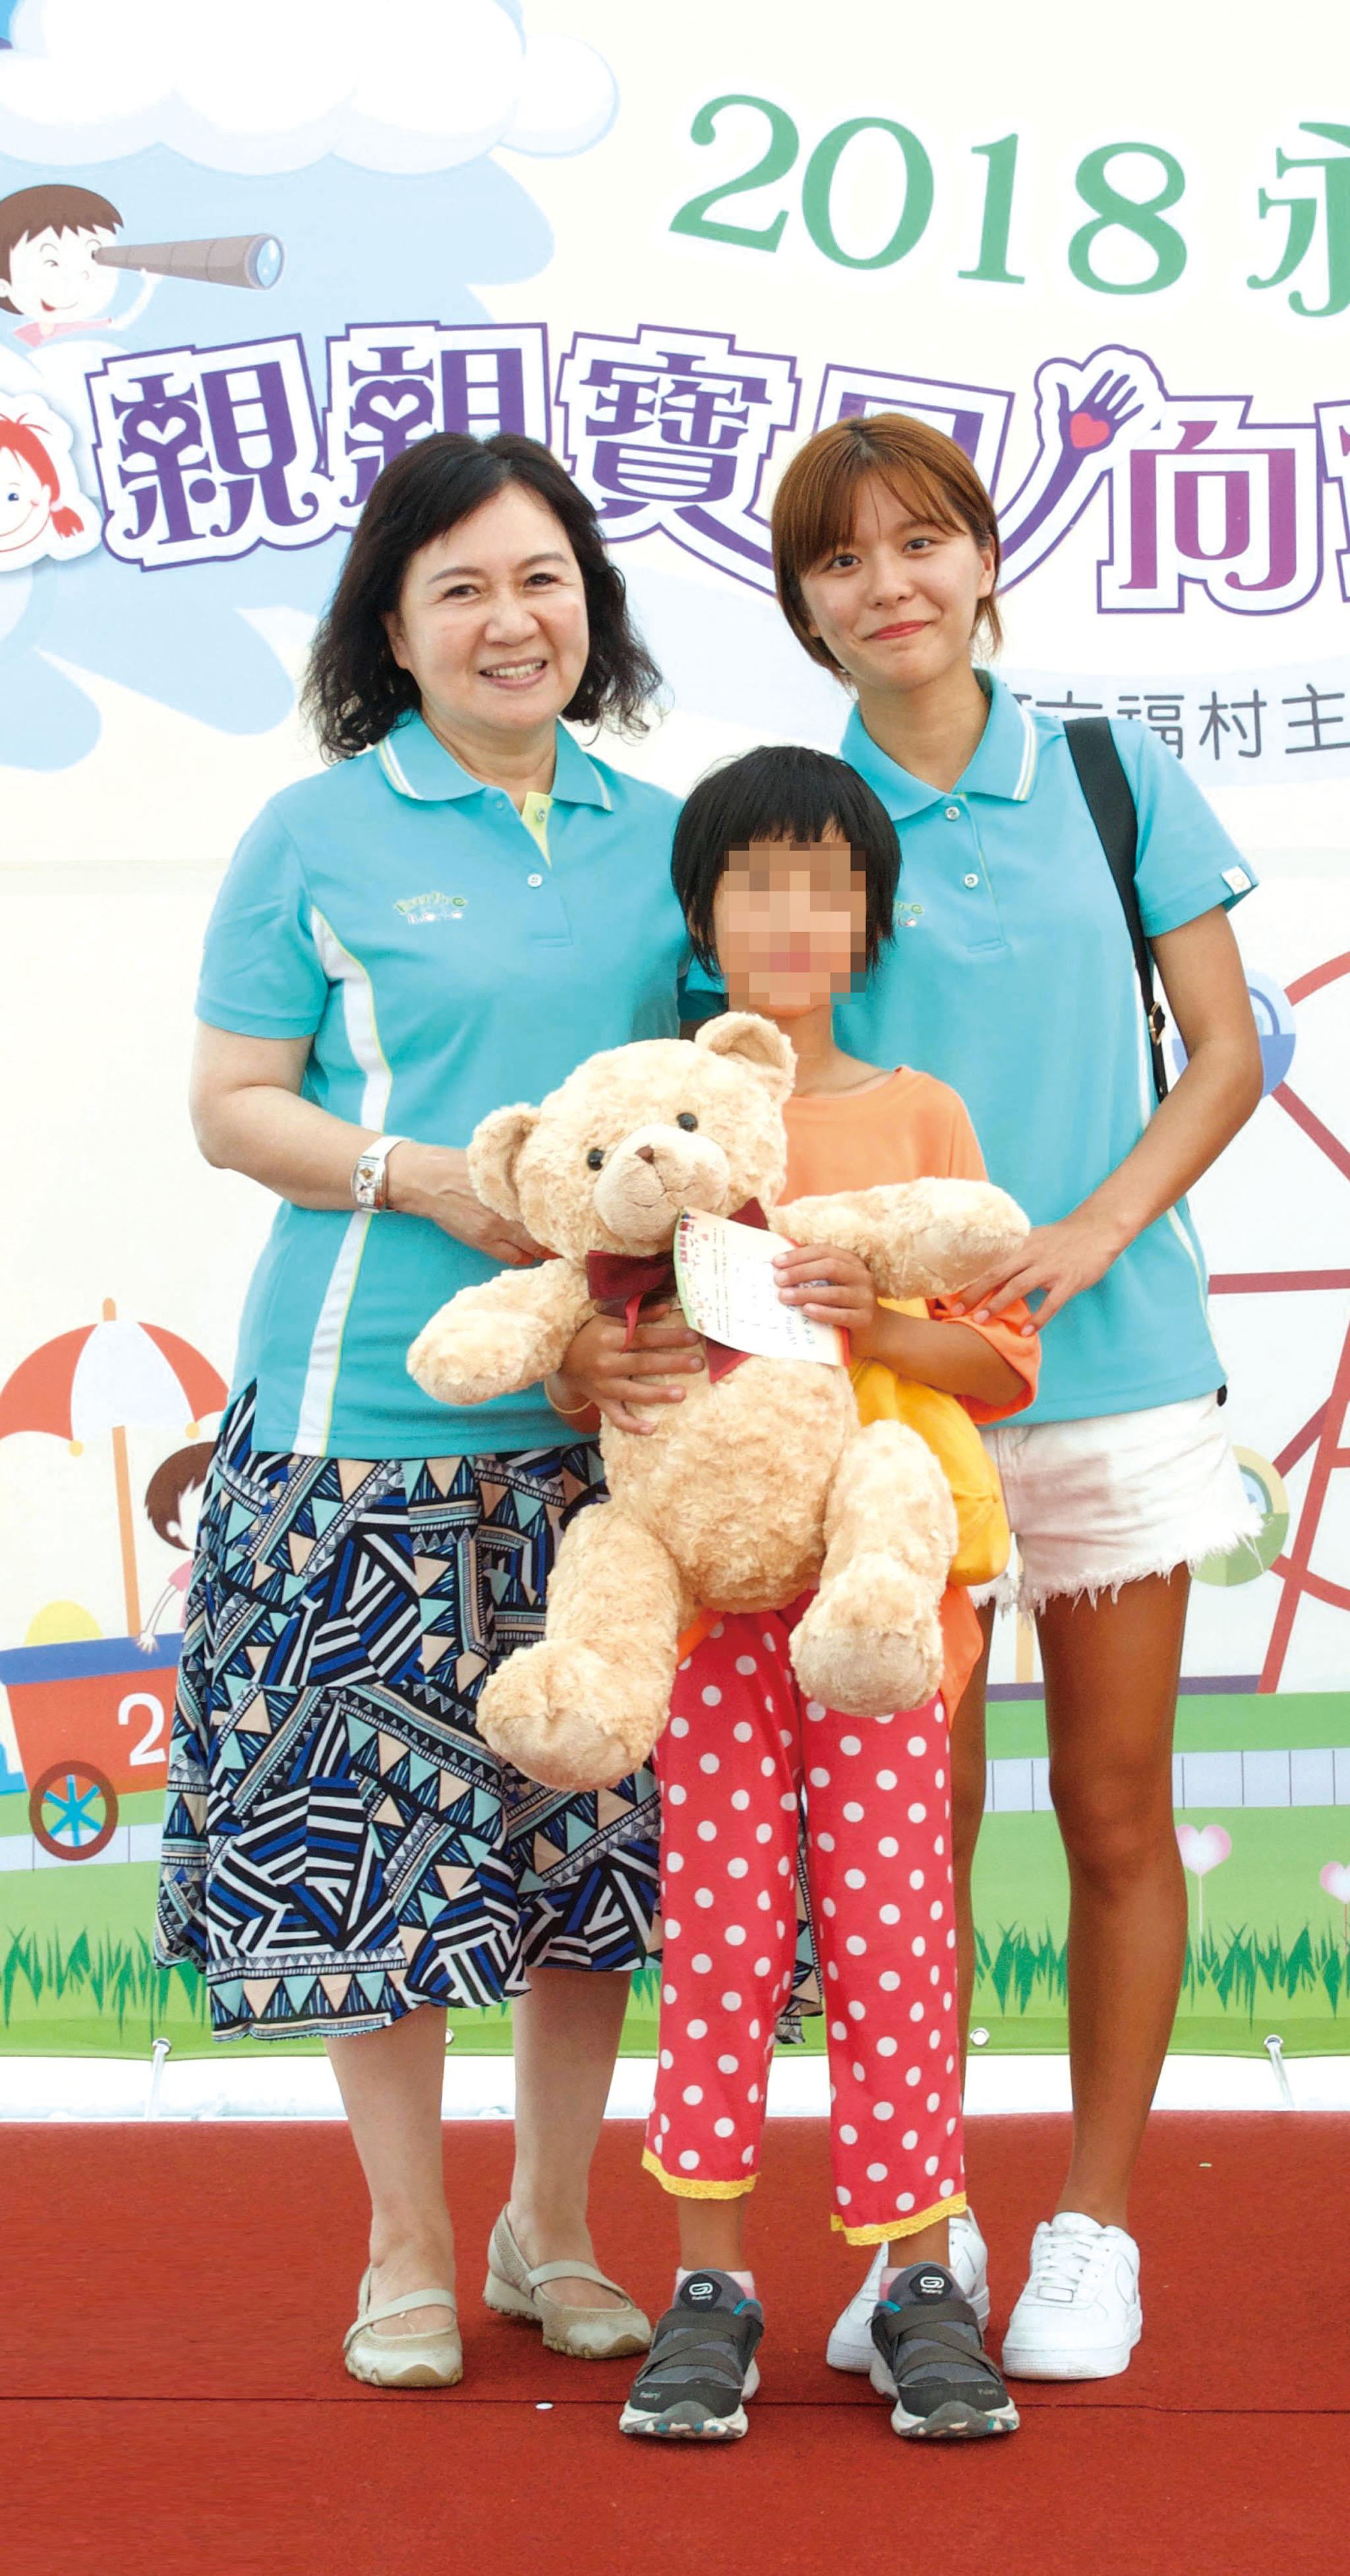 蔡瑩惠業務籌備副總(左)頒獎給寶貝。